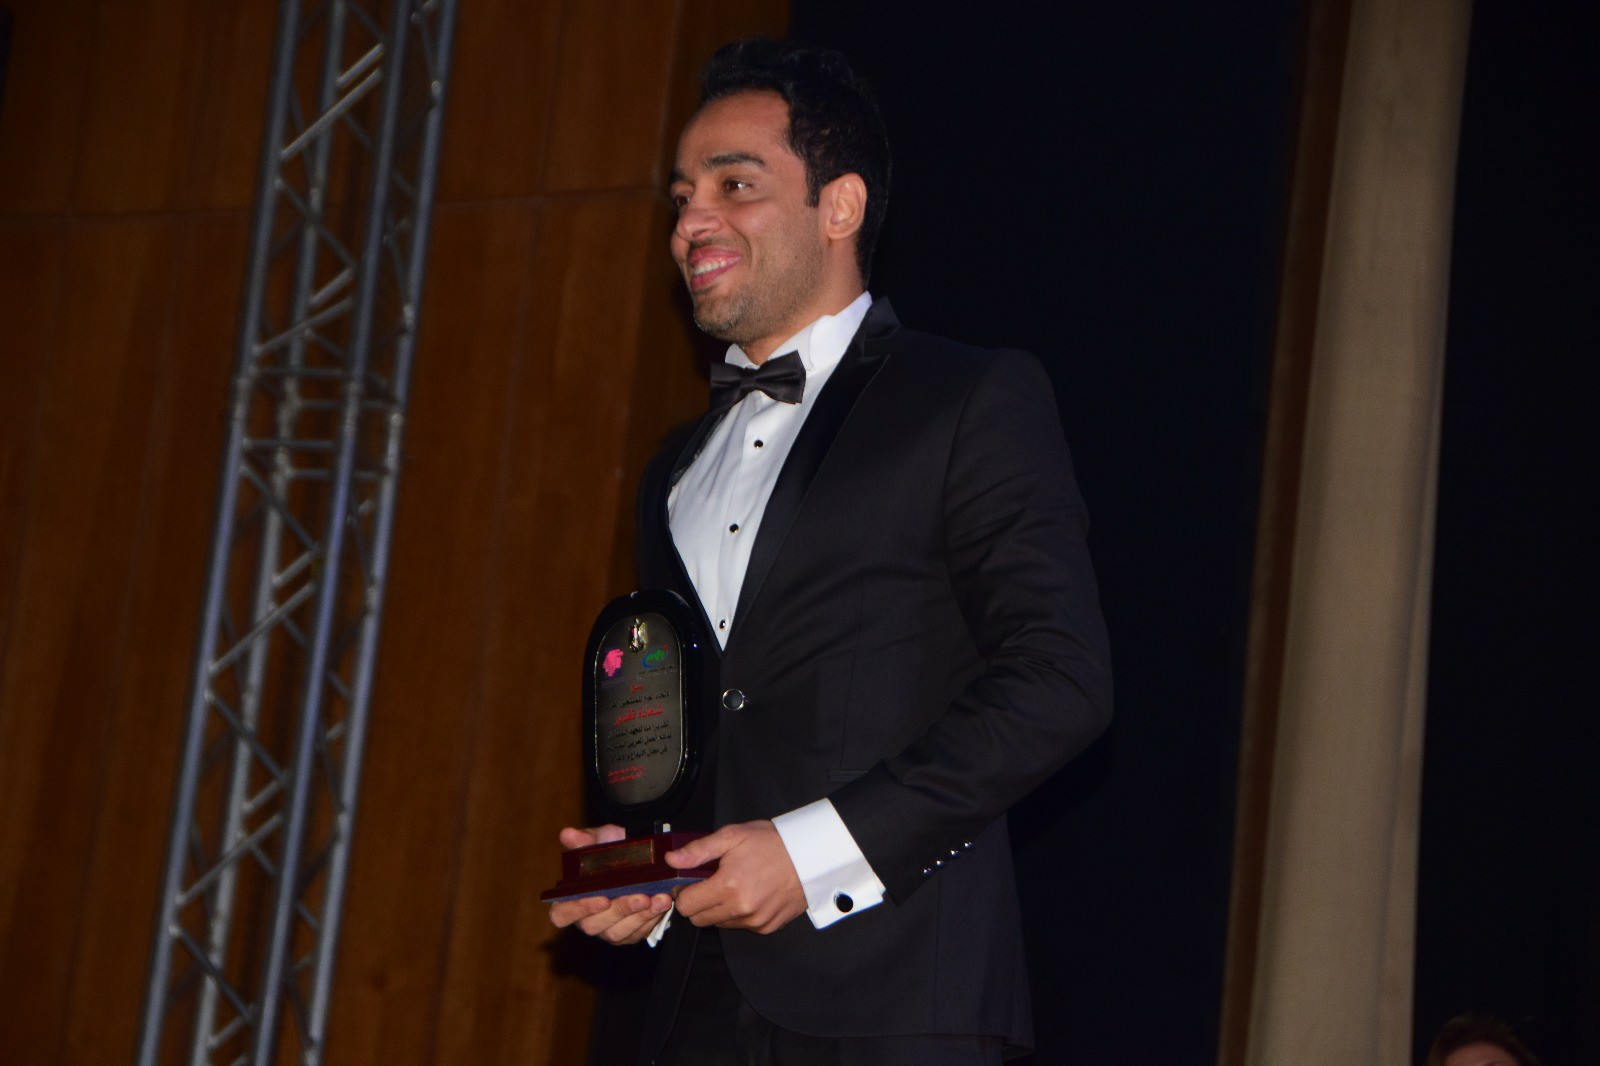 رامي جمال يحصل على لقب أفضل ألبوم لعام 2016 في مهرجان القاهرة